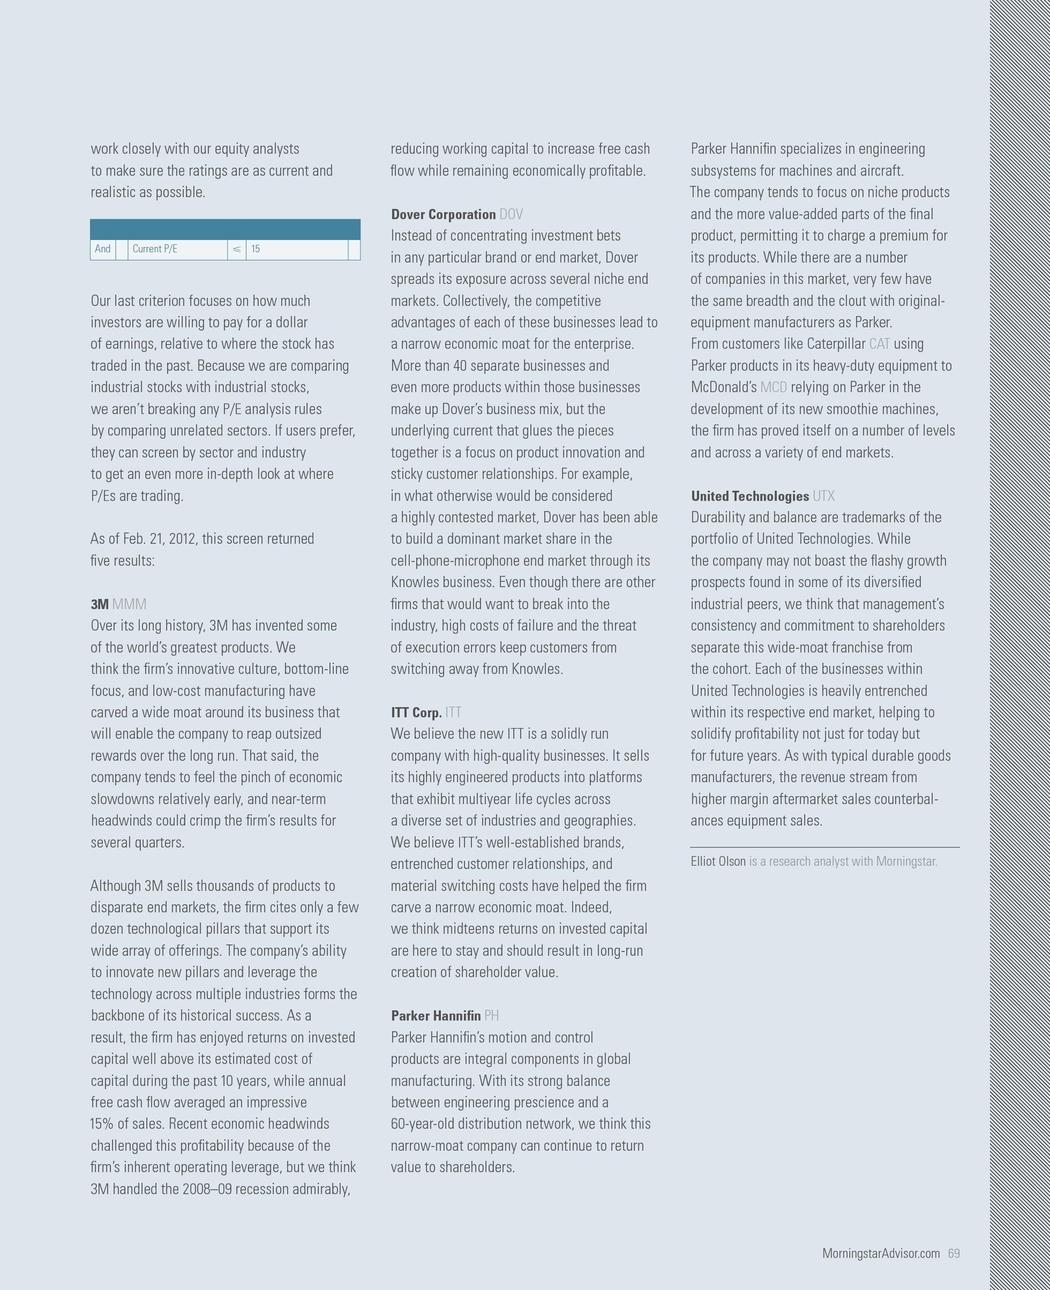 Morningstar Advisor - April/May 2012